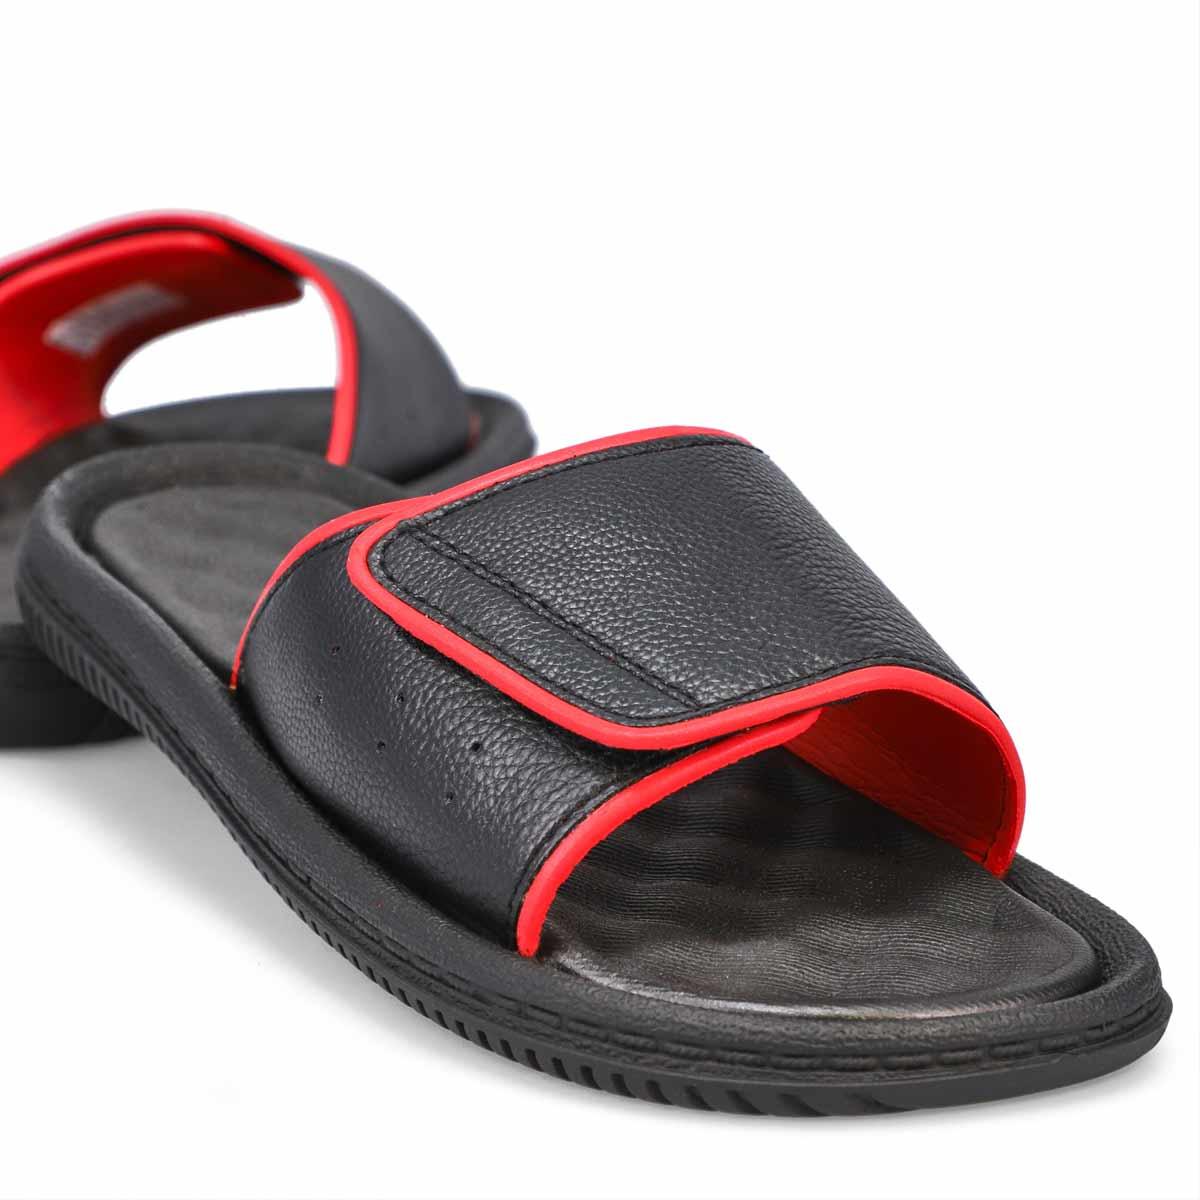 Men's Rory Slide Sandal - Black/Red